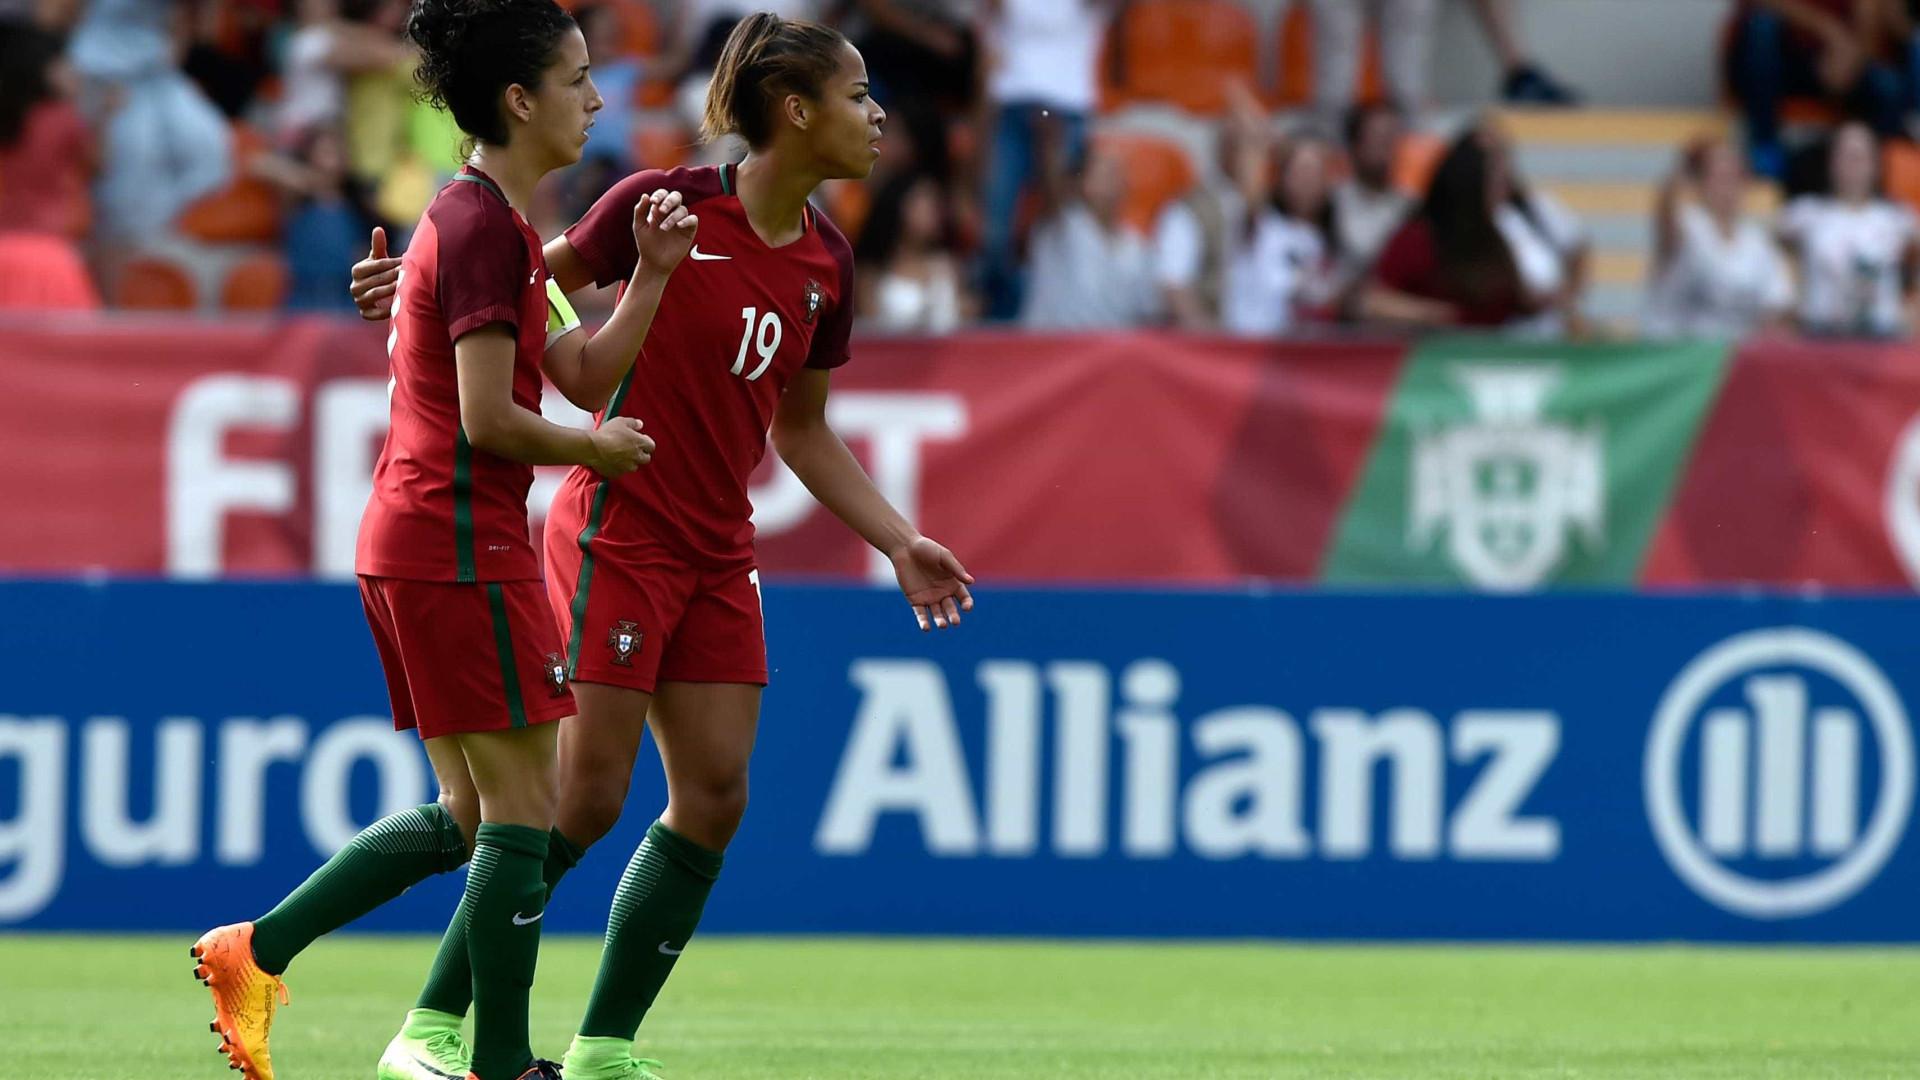 Seleção portuguesa feminina mantém 38.ª lugar no  ranking  FIFA 23dc9bcbee1d0